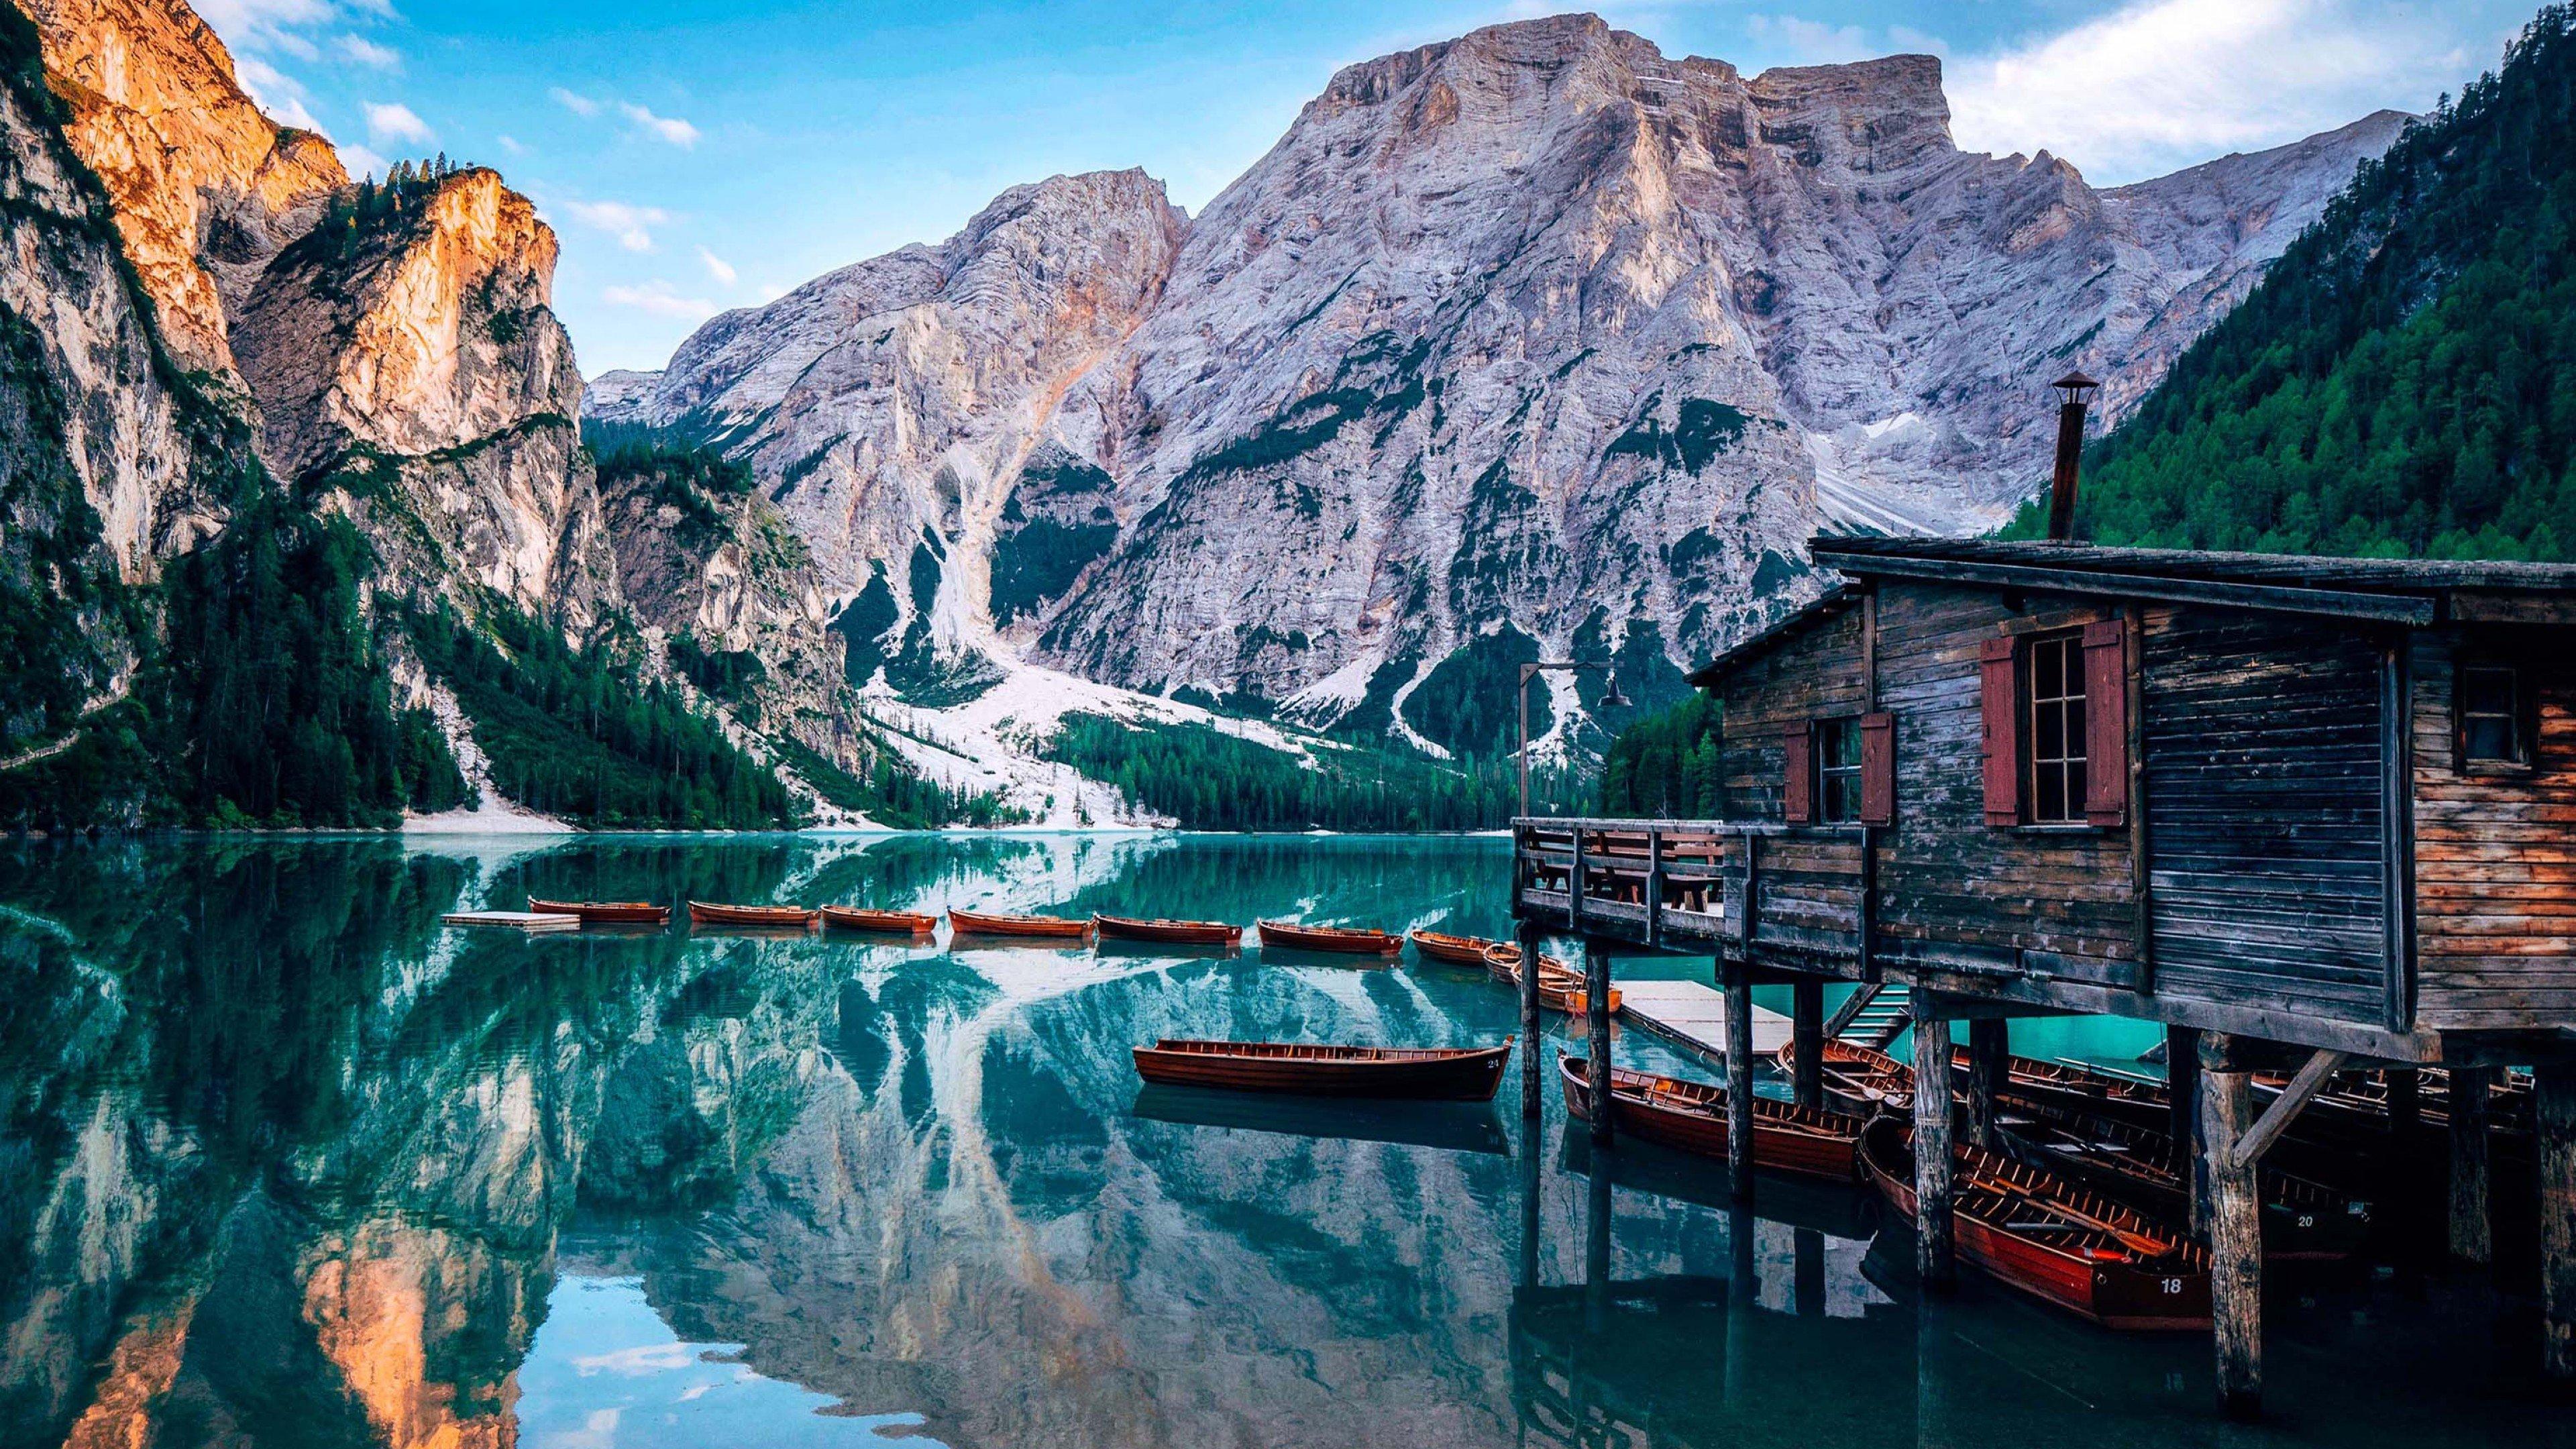 Fondos de pantalla Lago Prags en Italia